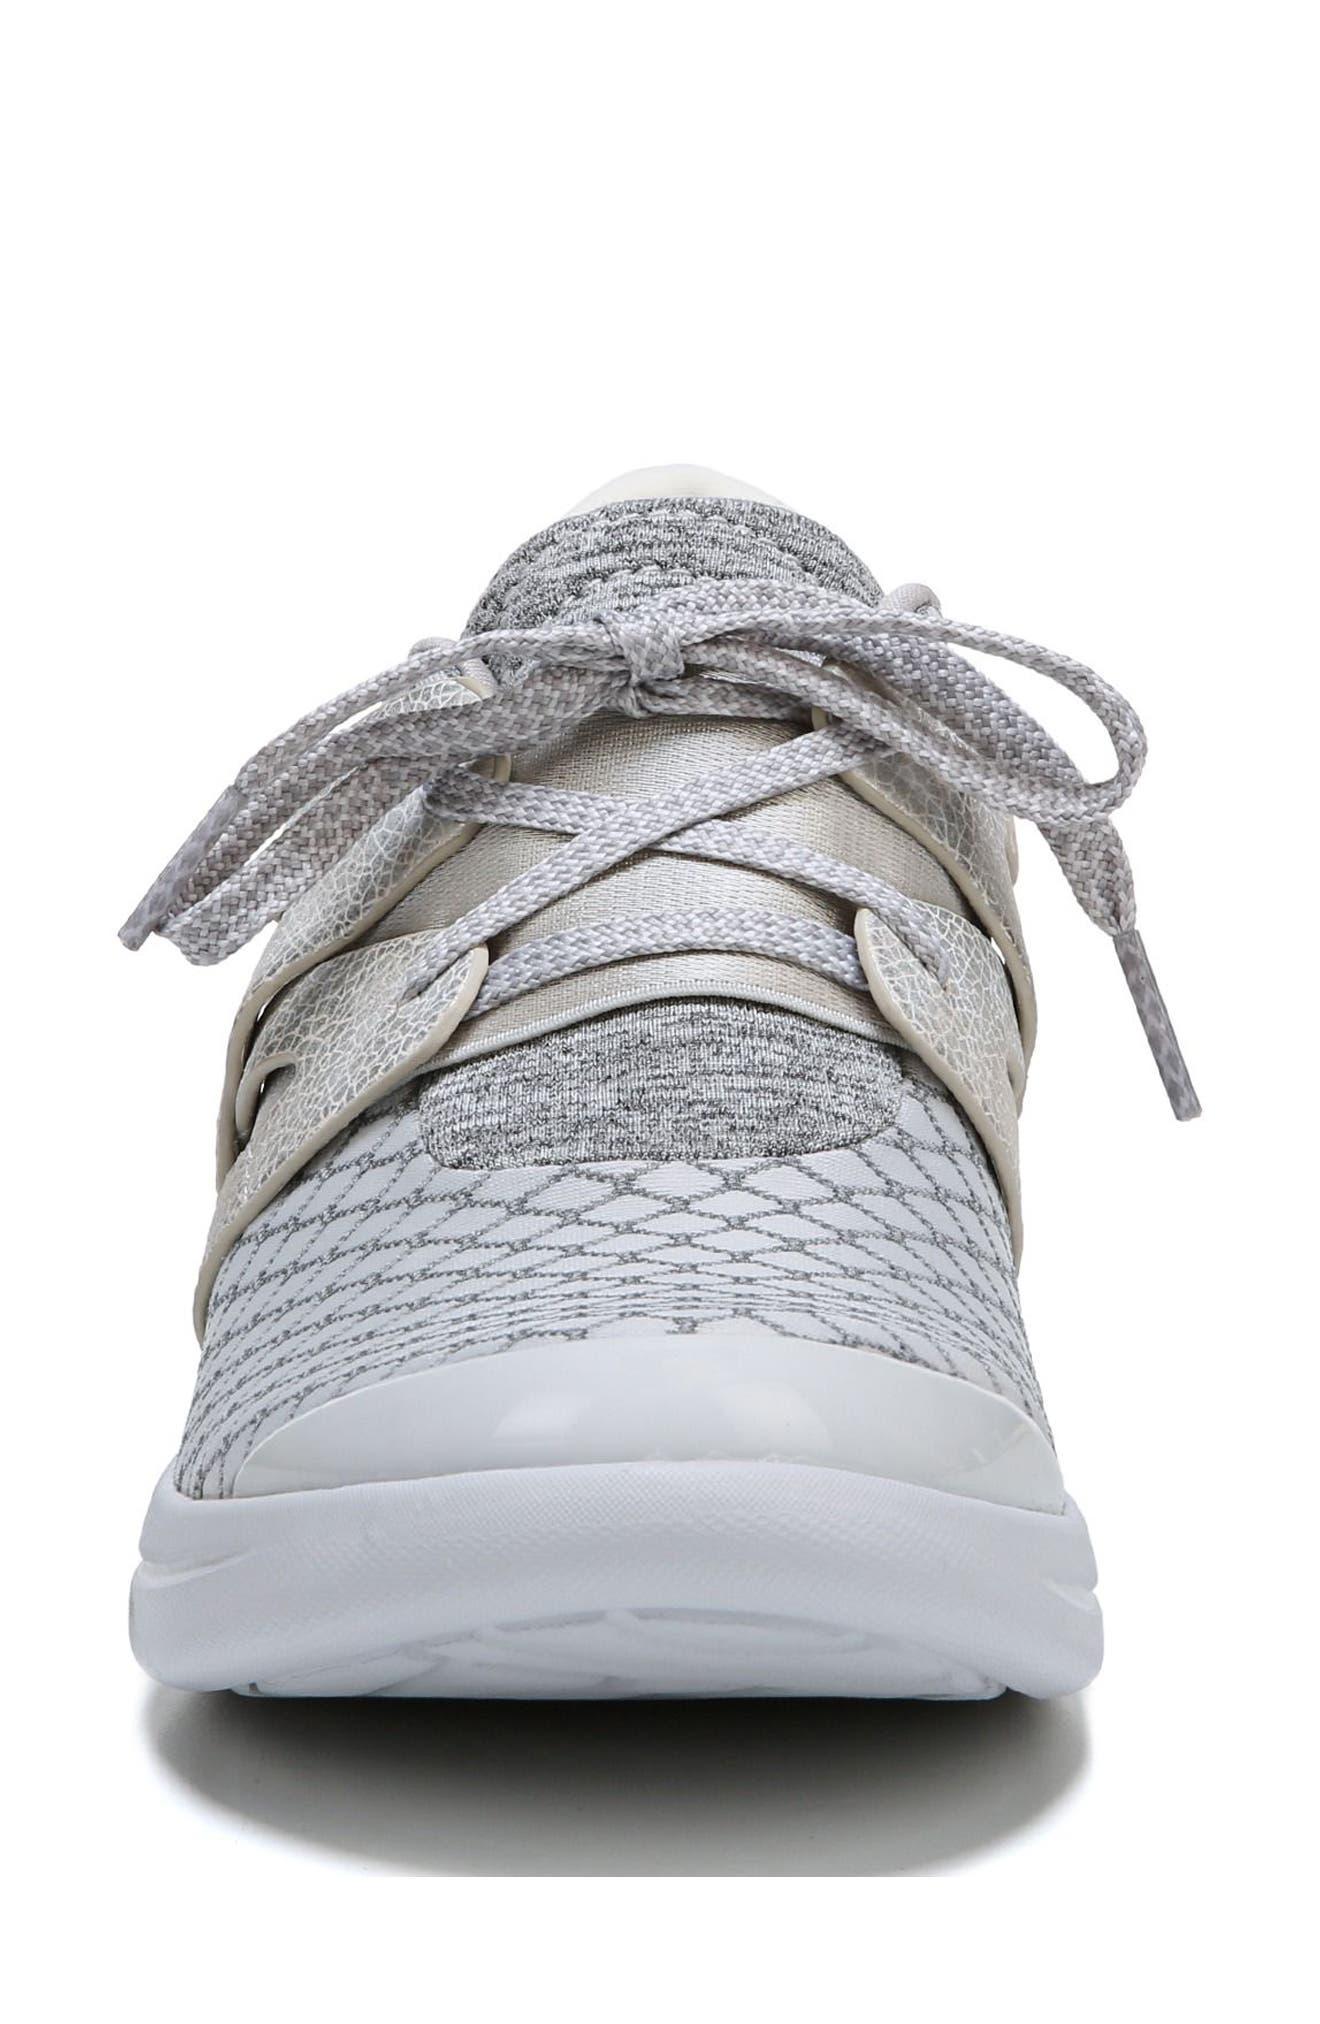 Flicker Sneaker,                             Alternate thumbnail 4, color,                             020